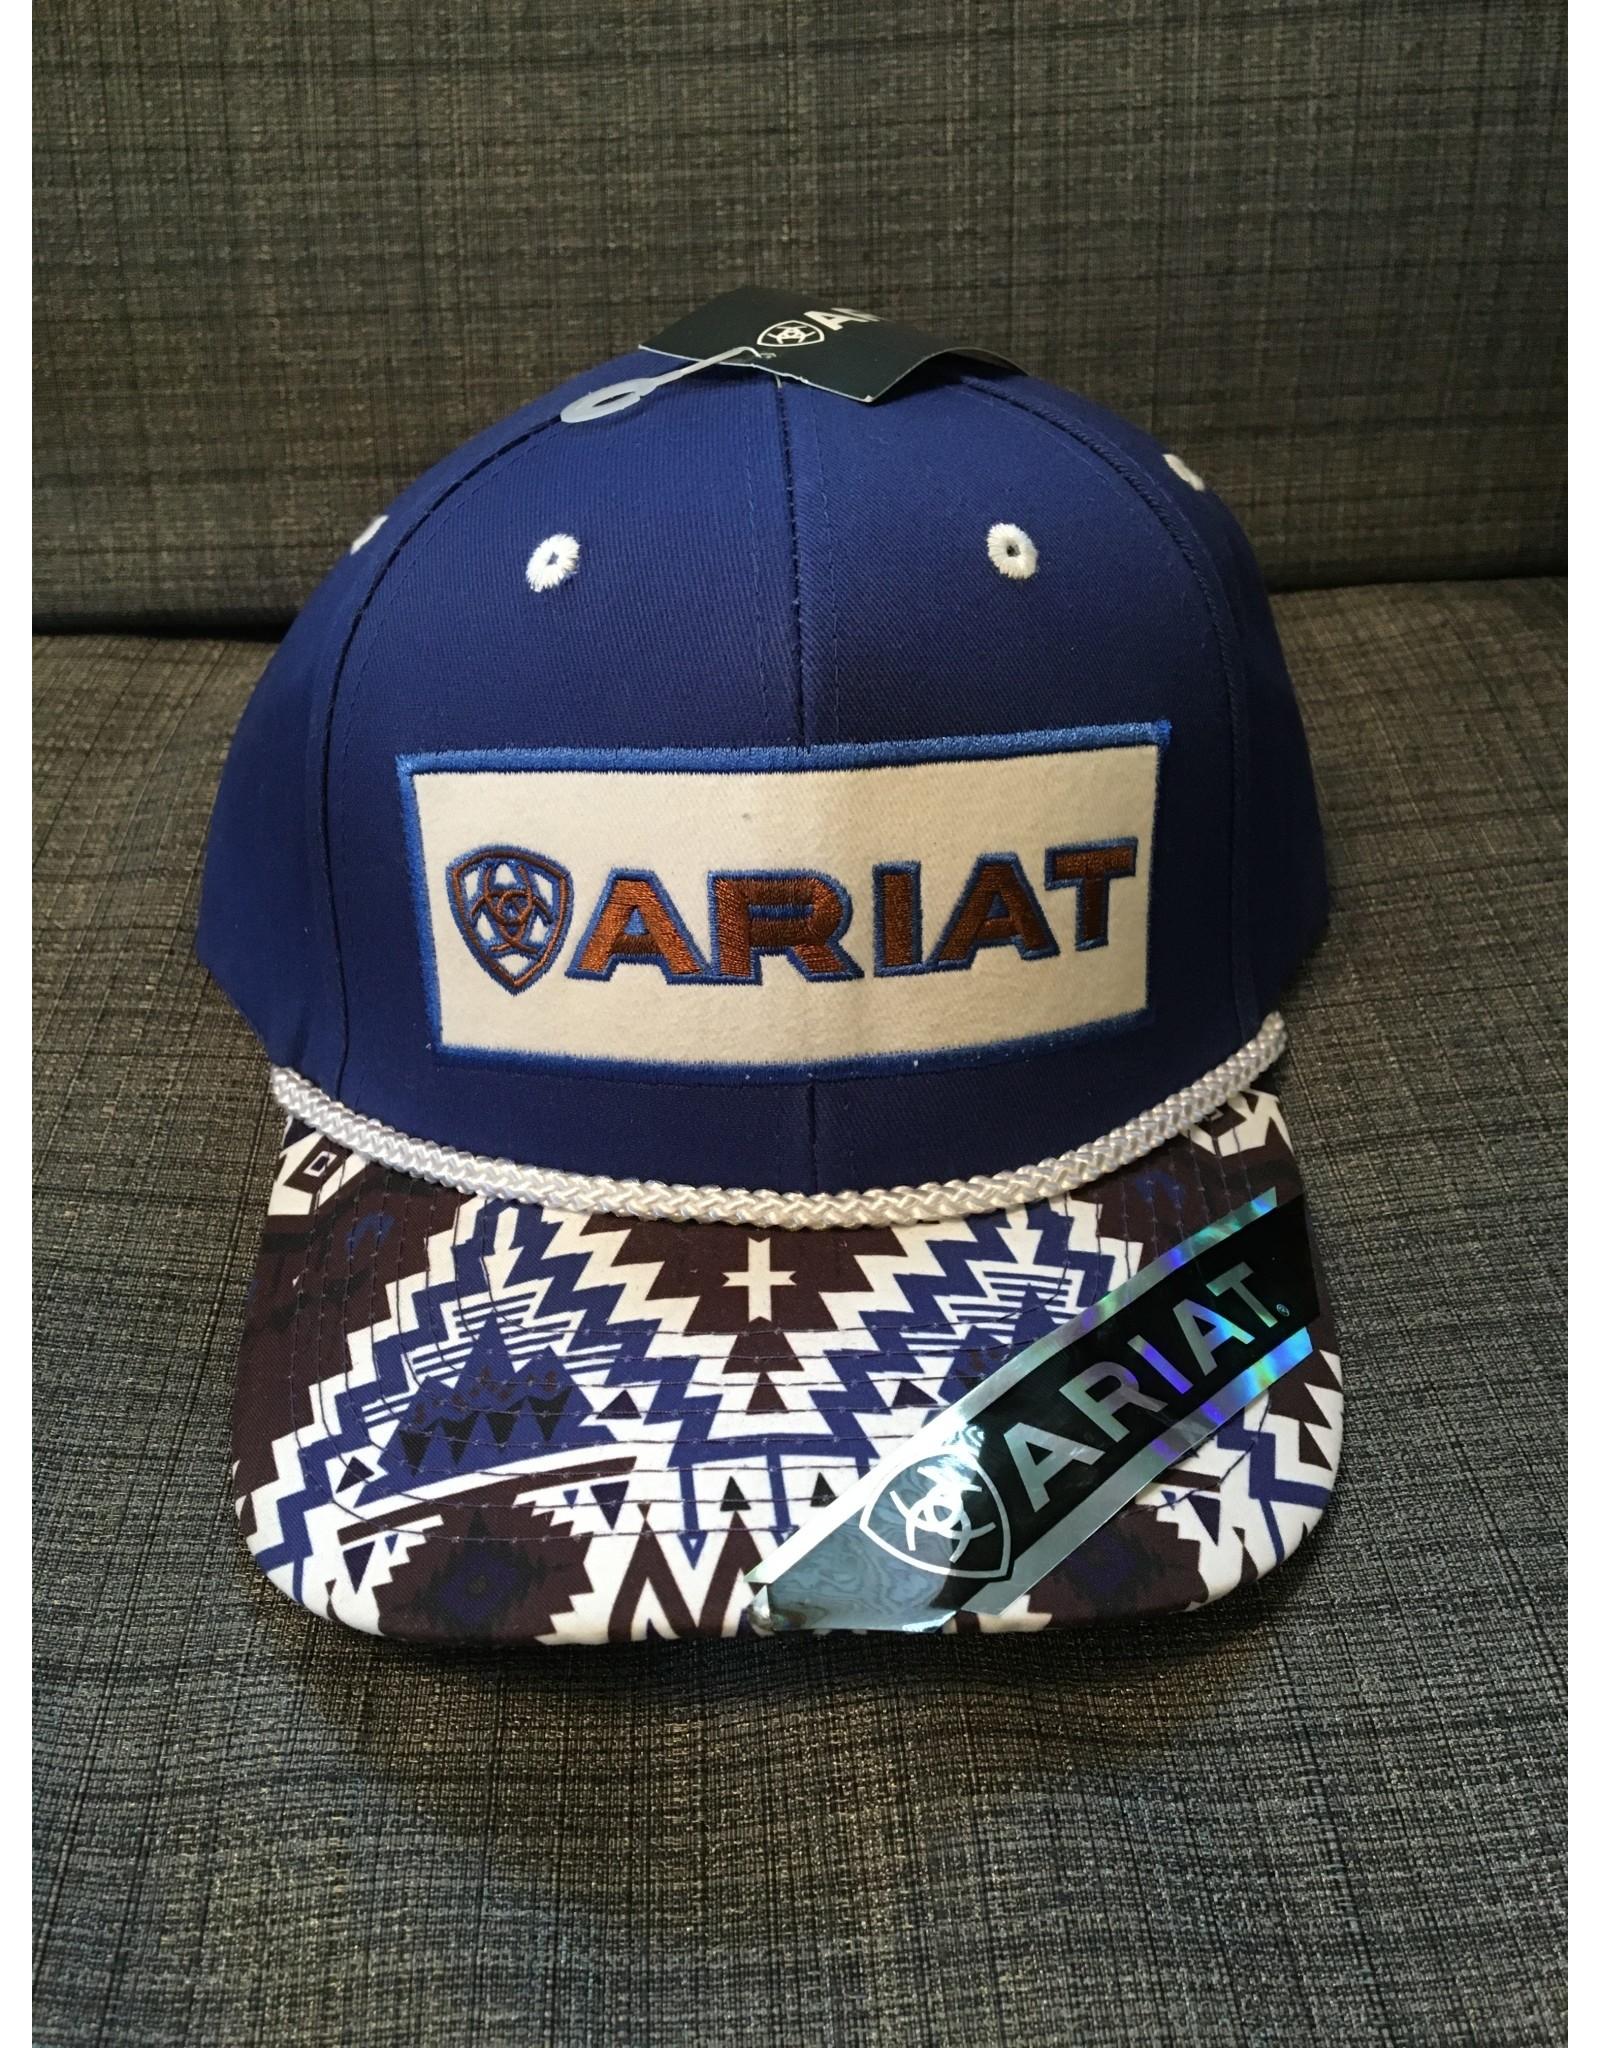 ARIAT AZTEC PRINT BLUE MEN'S BALL CAP